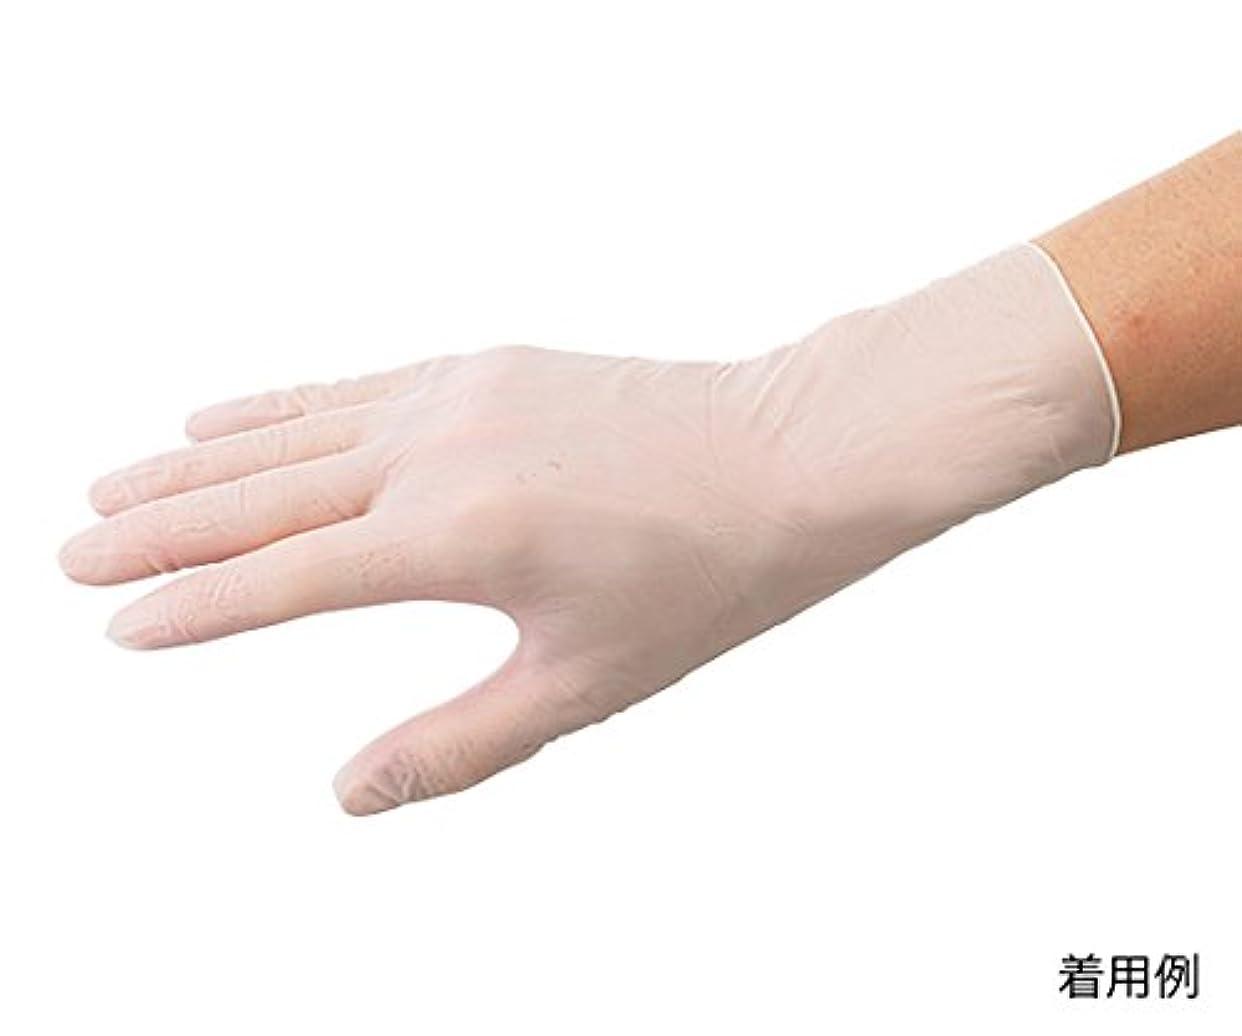 広告する重要な競合他社選手イワツキ61-9987-75クリーンハンドグローブ滅菌済パウダーフリー6.520双